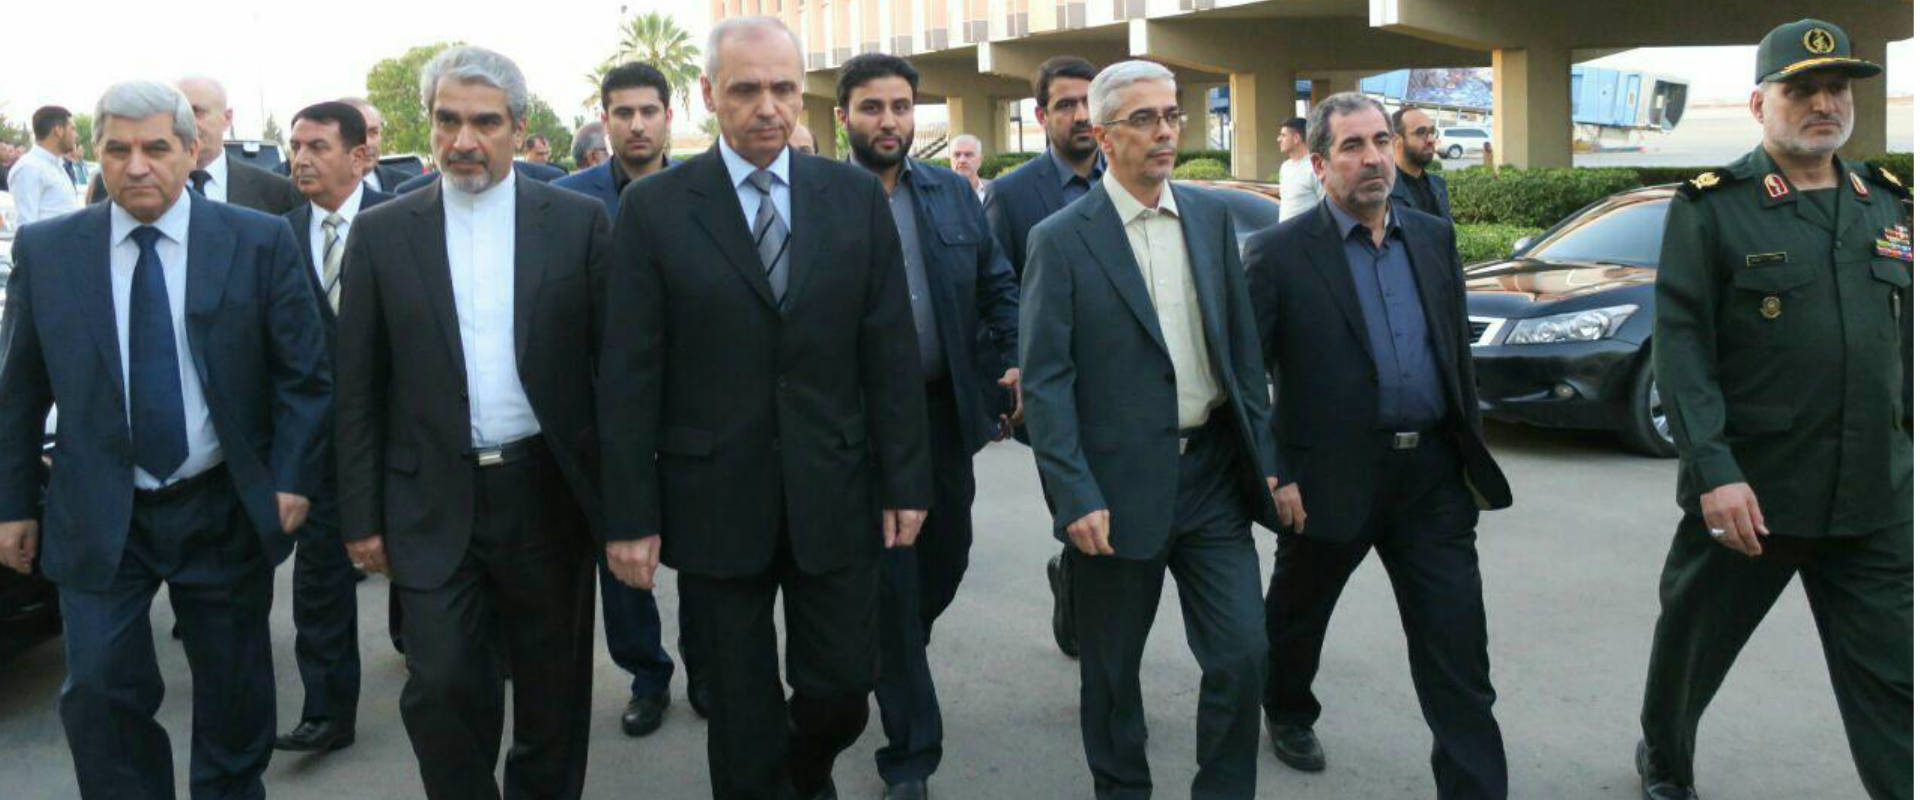 """רמטכ""""ל איראן בביקור בדמשק"""